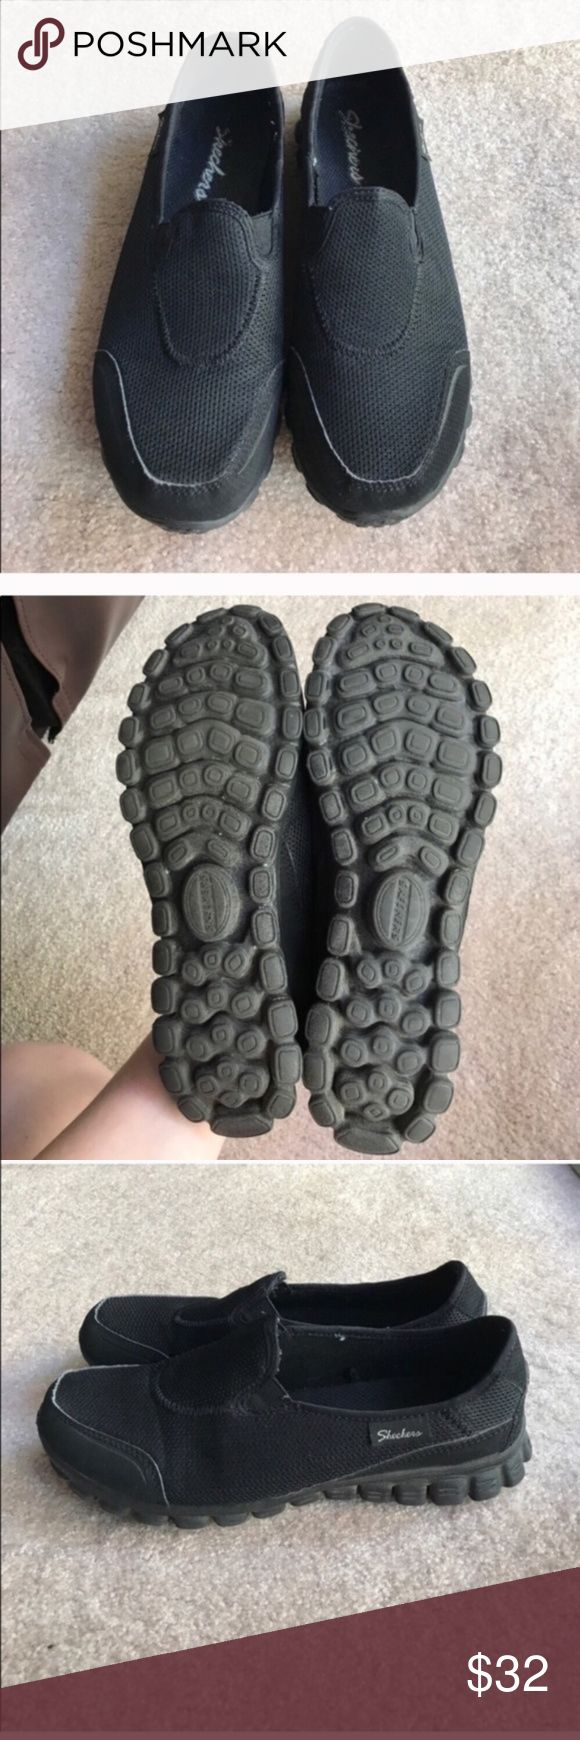 Skechers black slip on sneakers size 7.5 Skechers black slip on sneakers size 7.5 Skechers Shoes Sneakers